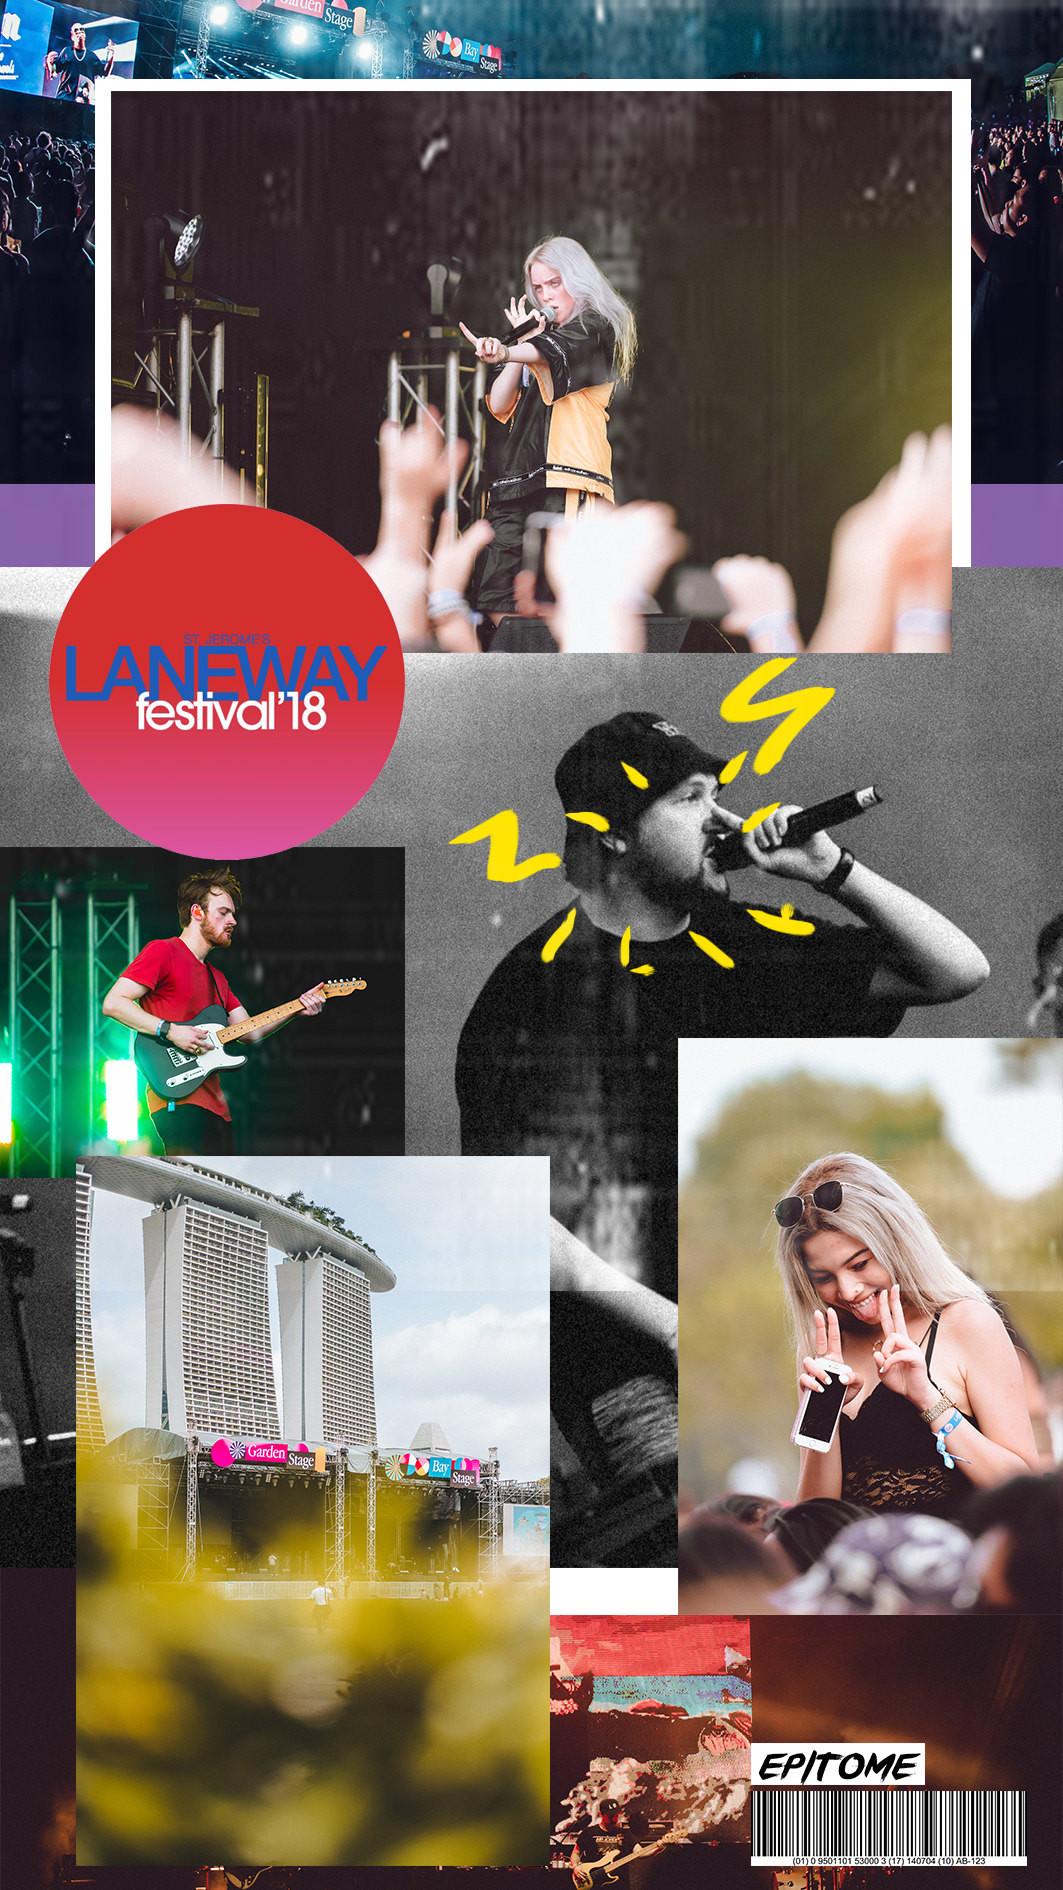 Laneway 2018 collage